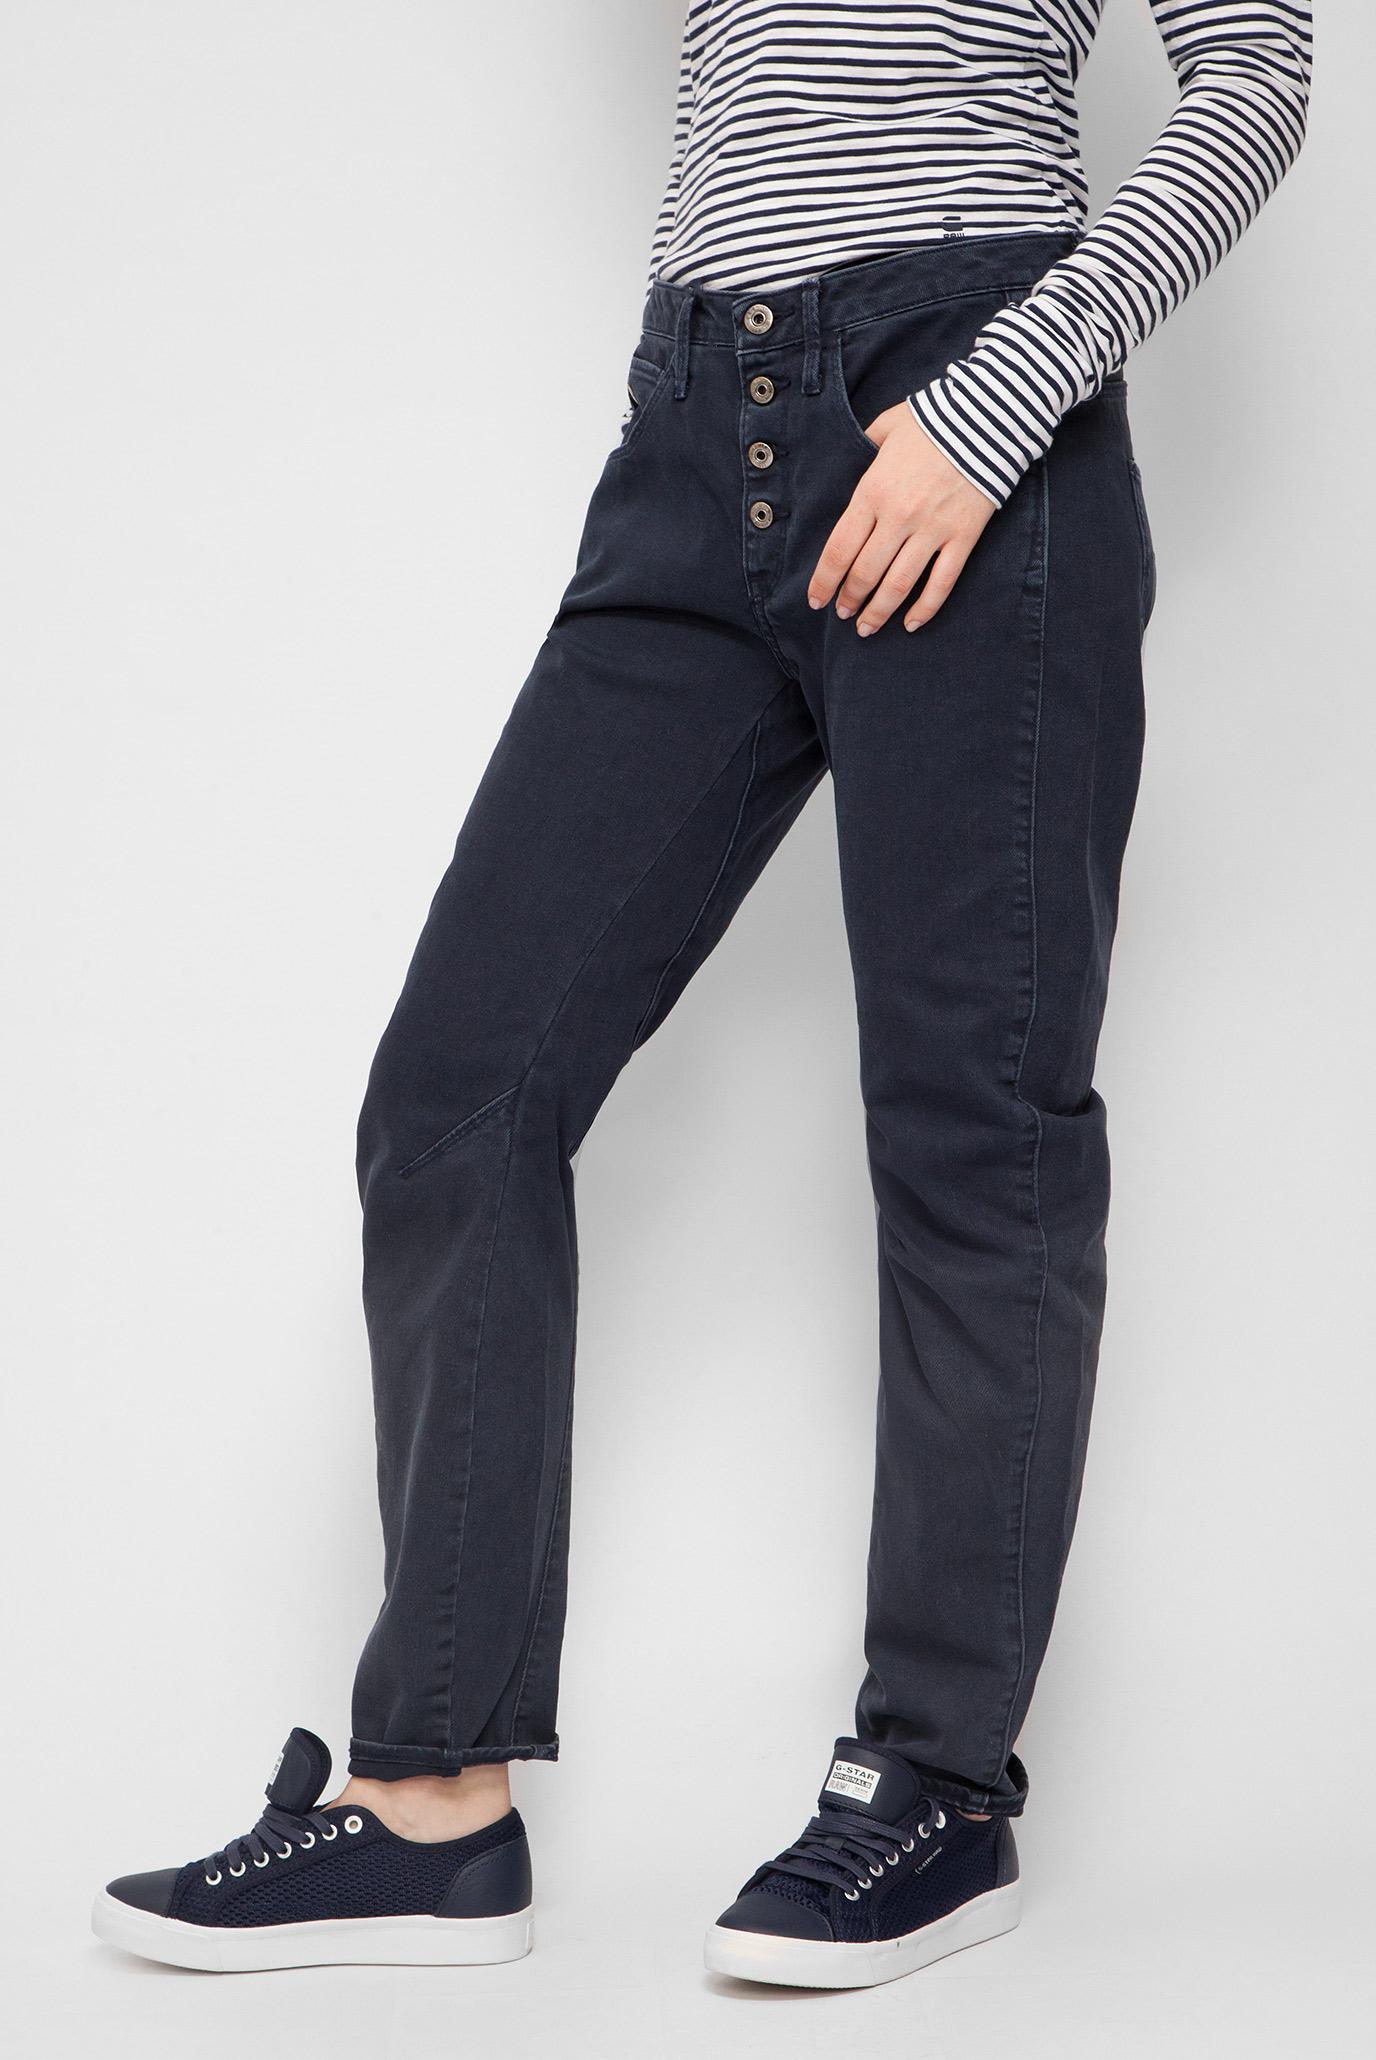 Купить Женские темно-синие джинсы New Arc 3D BTN Low Boyfriend G-Star RAW G-Star RAW D02120,7985 – Киев, Украина. Цены в интернет магазине MD Fashion